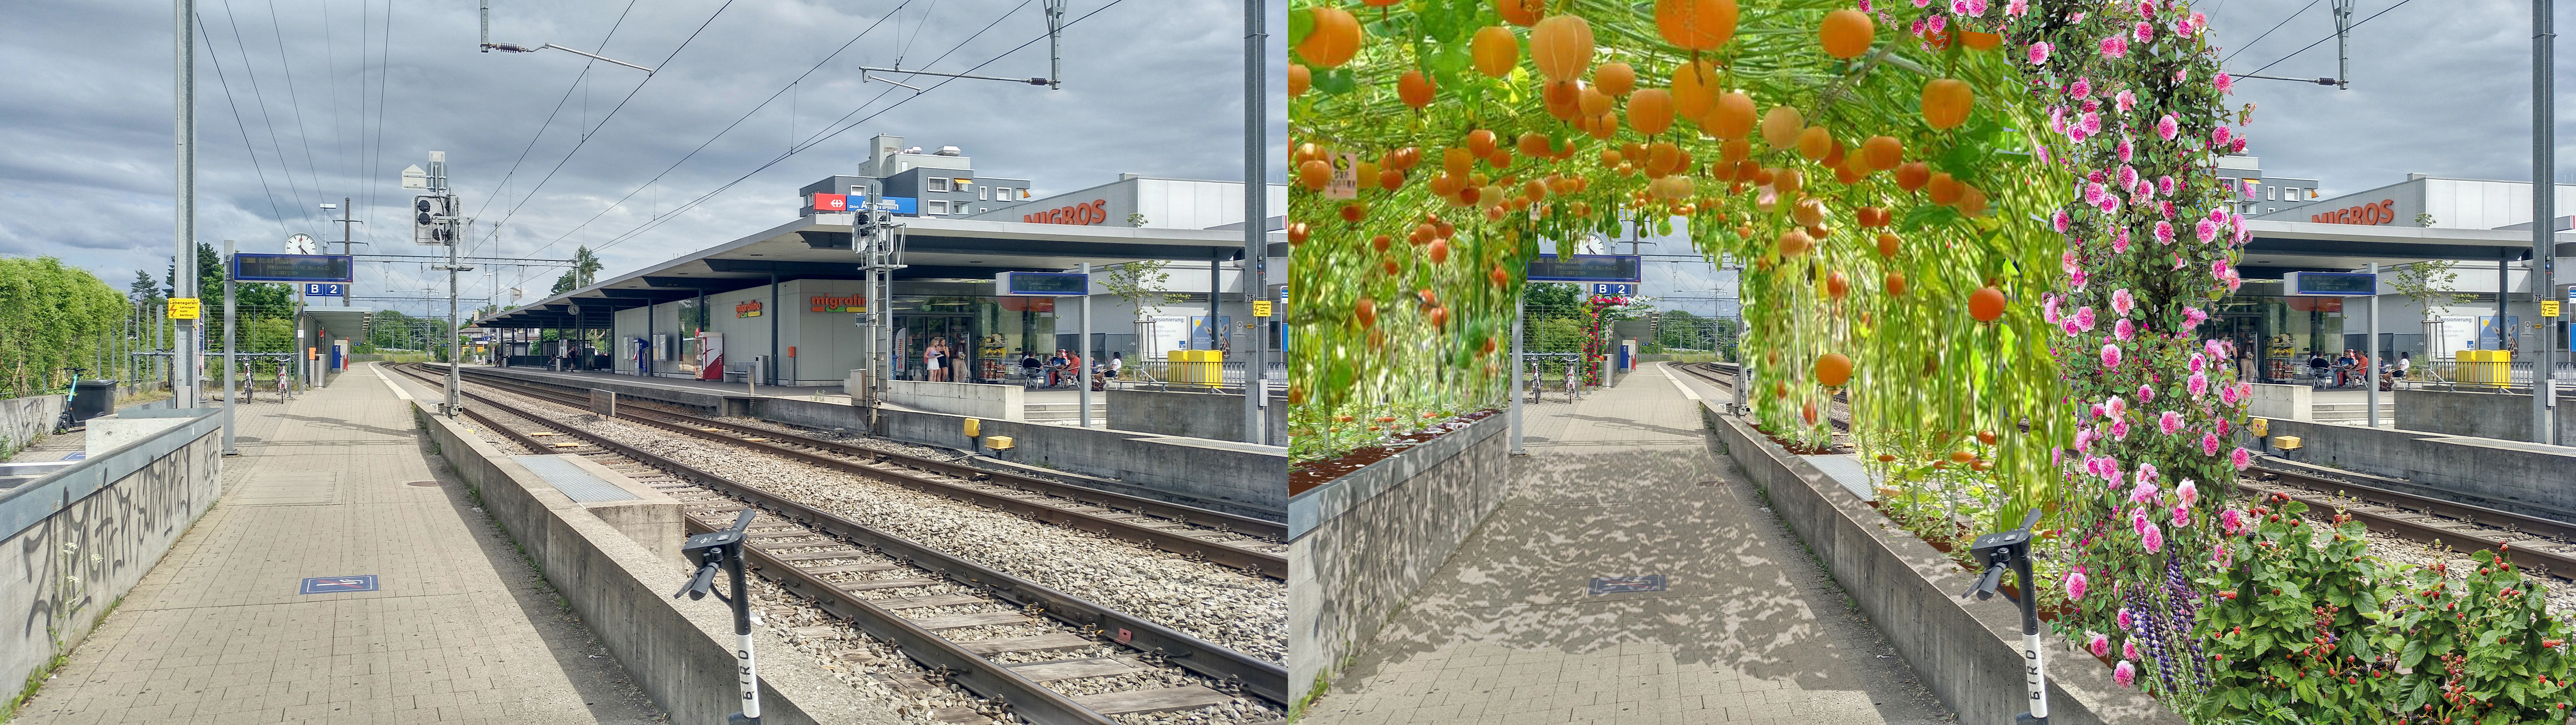 Fussweg-Gärten – mehr Schatten im Sommer für Trottoirs und (Vor-)Plätze etc., mit weniger Lärm, weniger Feinstaub dafür mehr Kräuter- und Blütenduft?